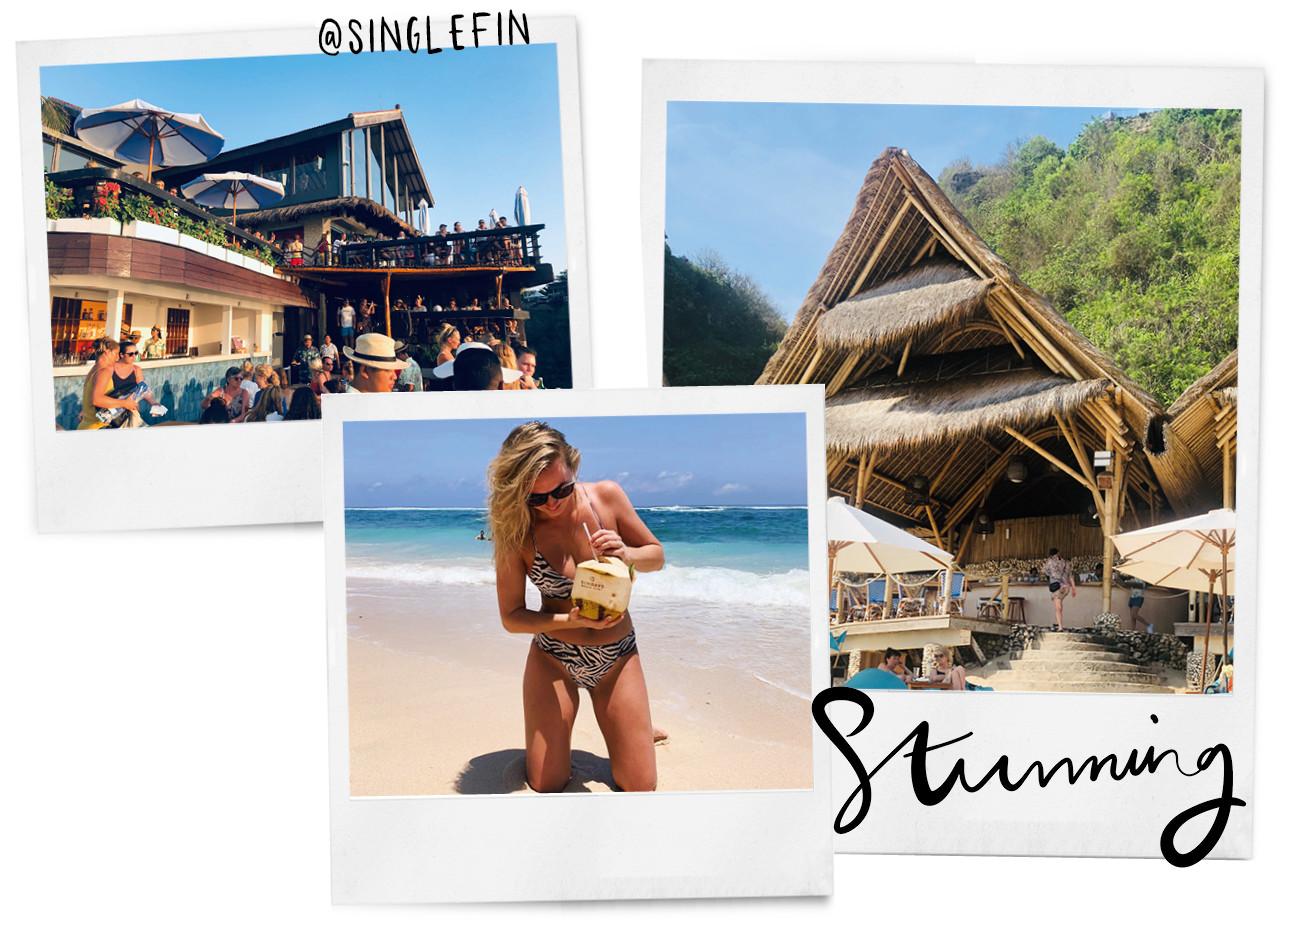 vakantie foto's van wieke in bali. ! van een restaurant, 1 van wieke met een kokosnoot op het strand en 1 van het huisje waar ze sliepen